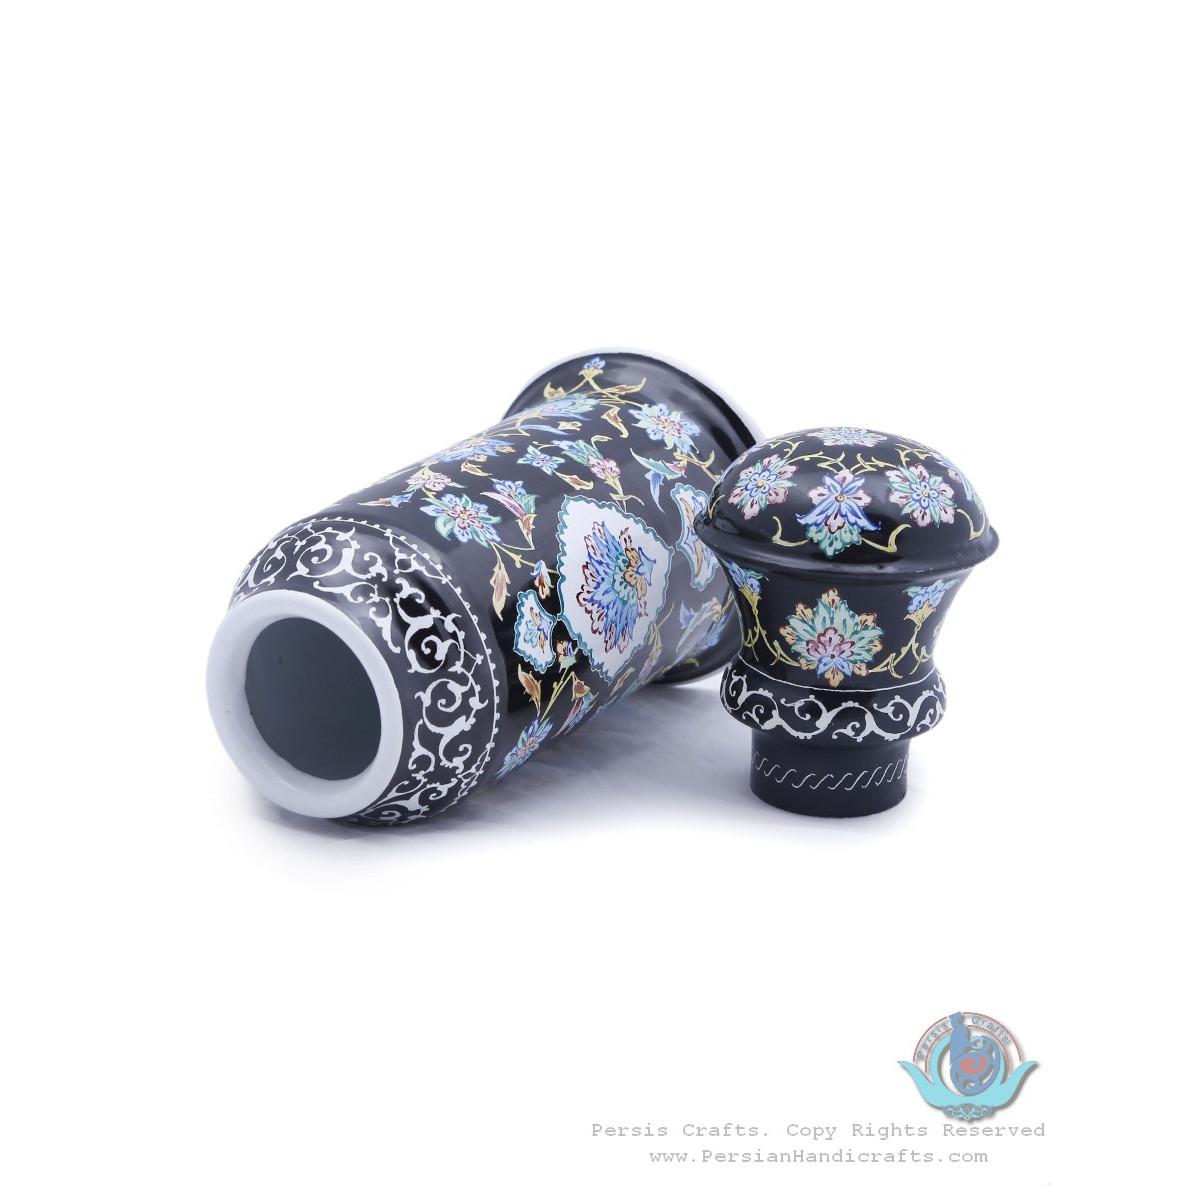 Unique Minakari Tea Mug with Lid - HE3924-Persian Handicrafts